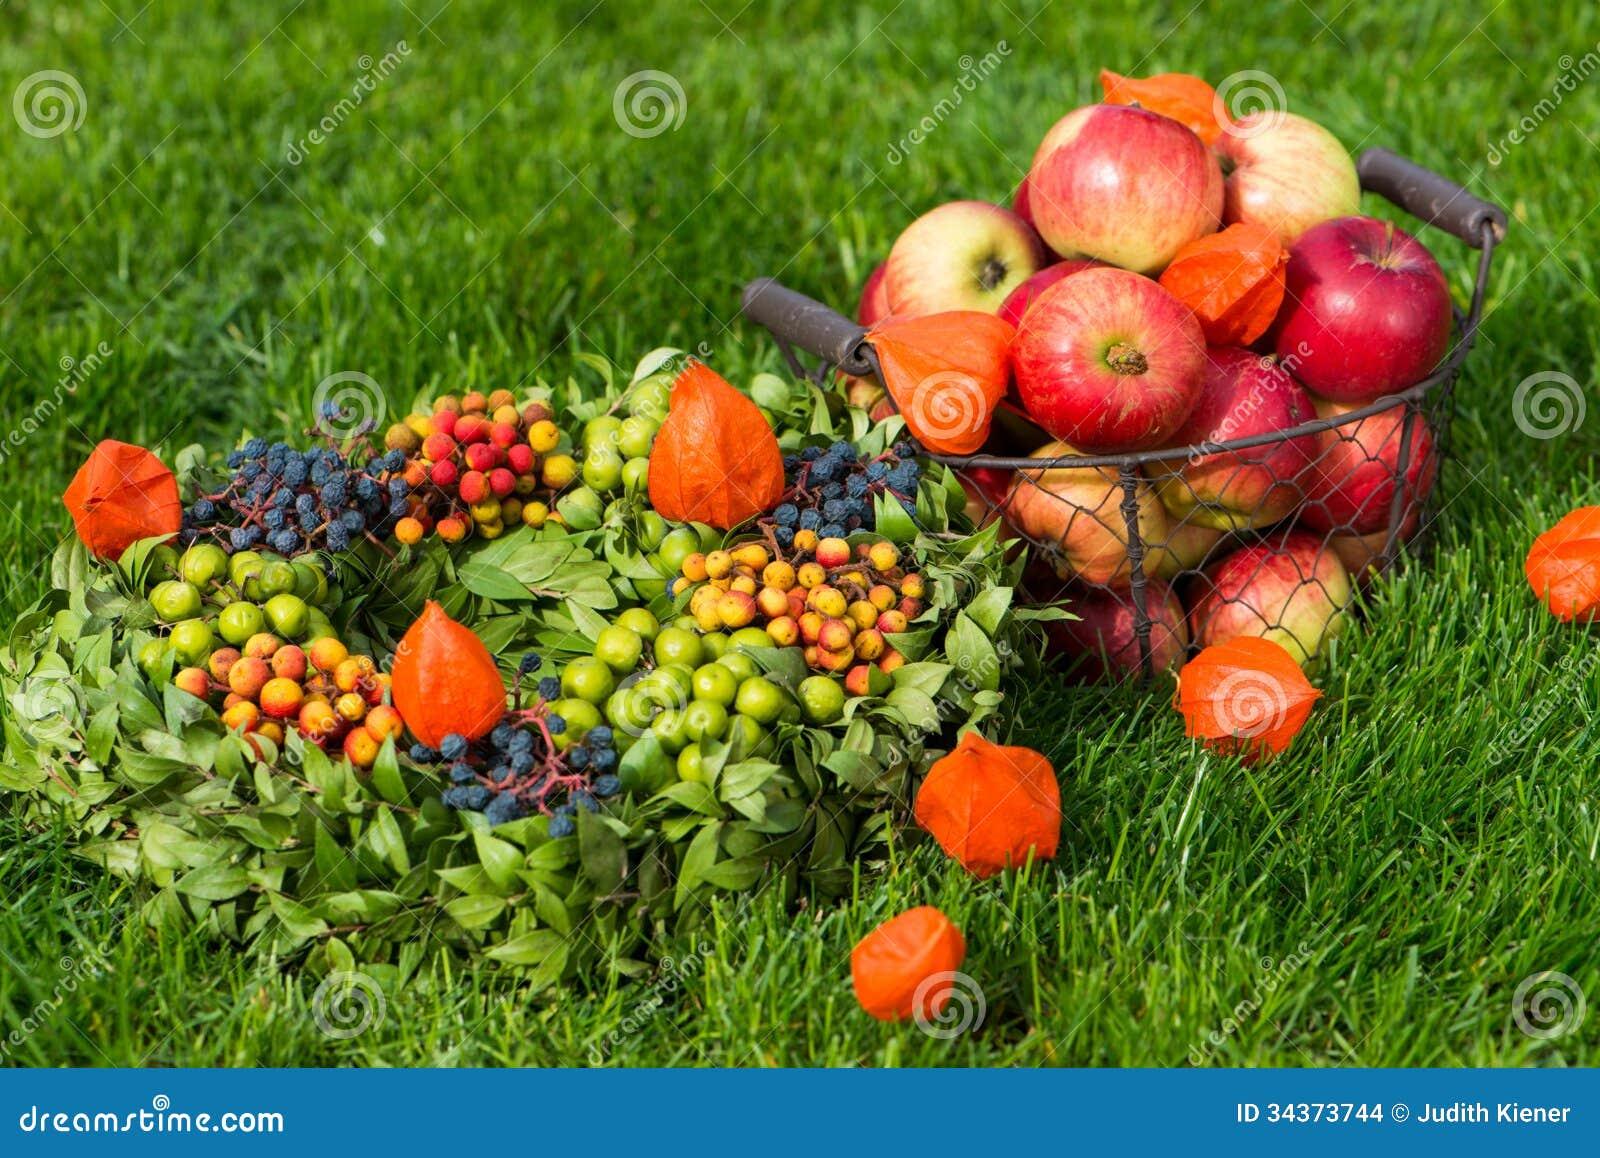 Herbst dekoration stockbilder bild 34373744 for Dekoration herbst